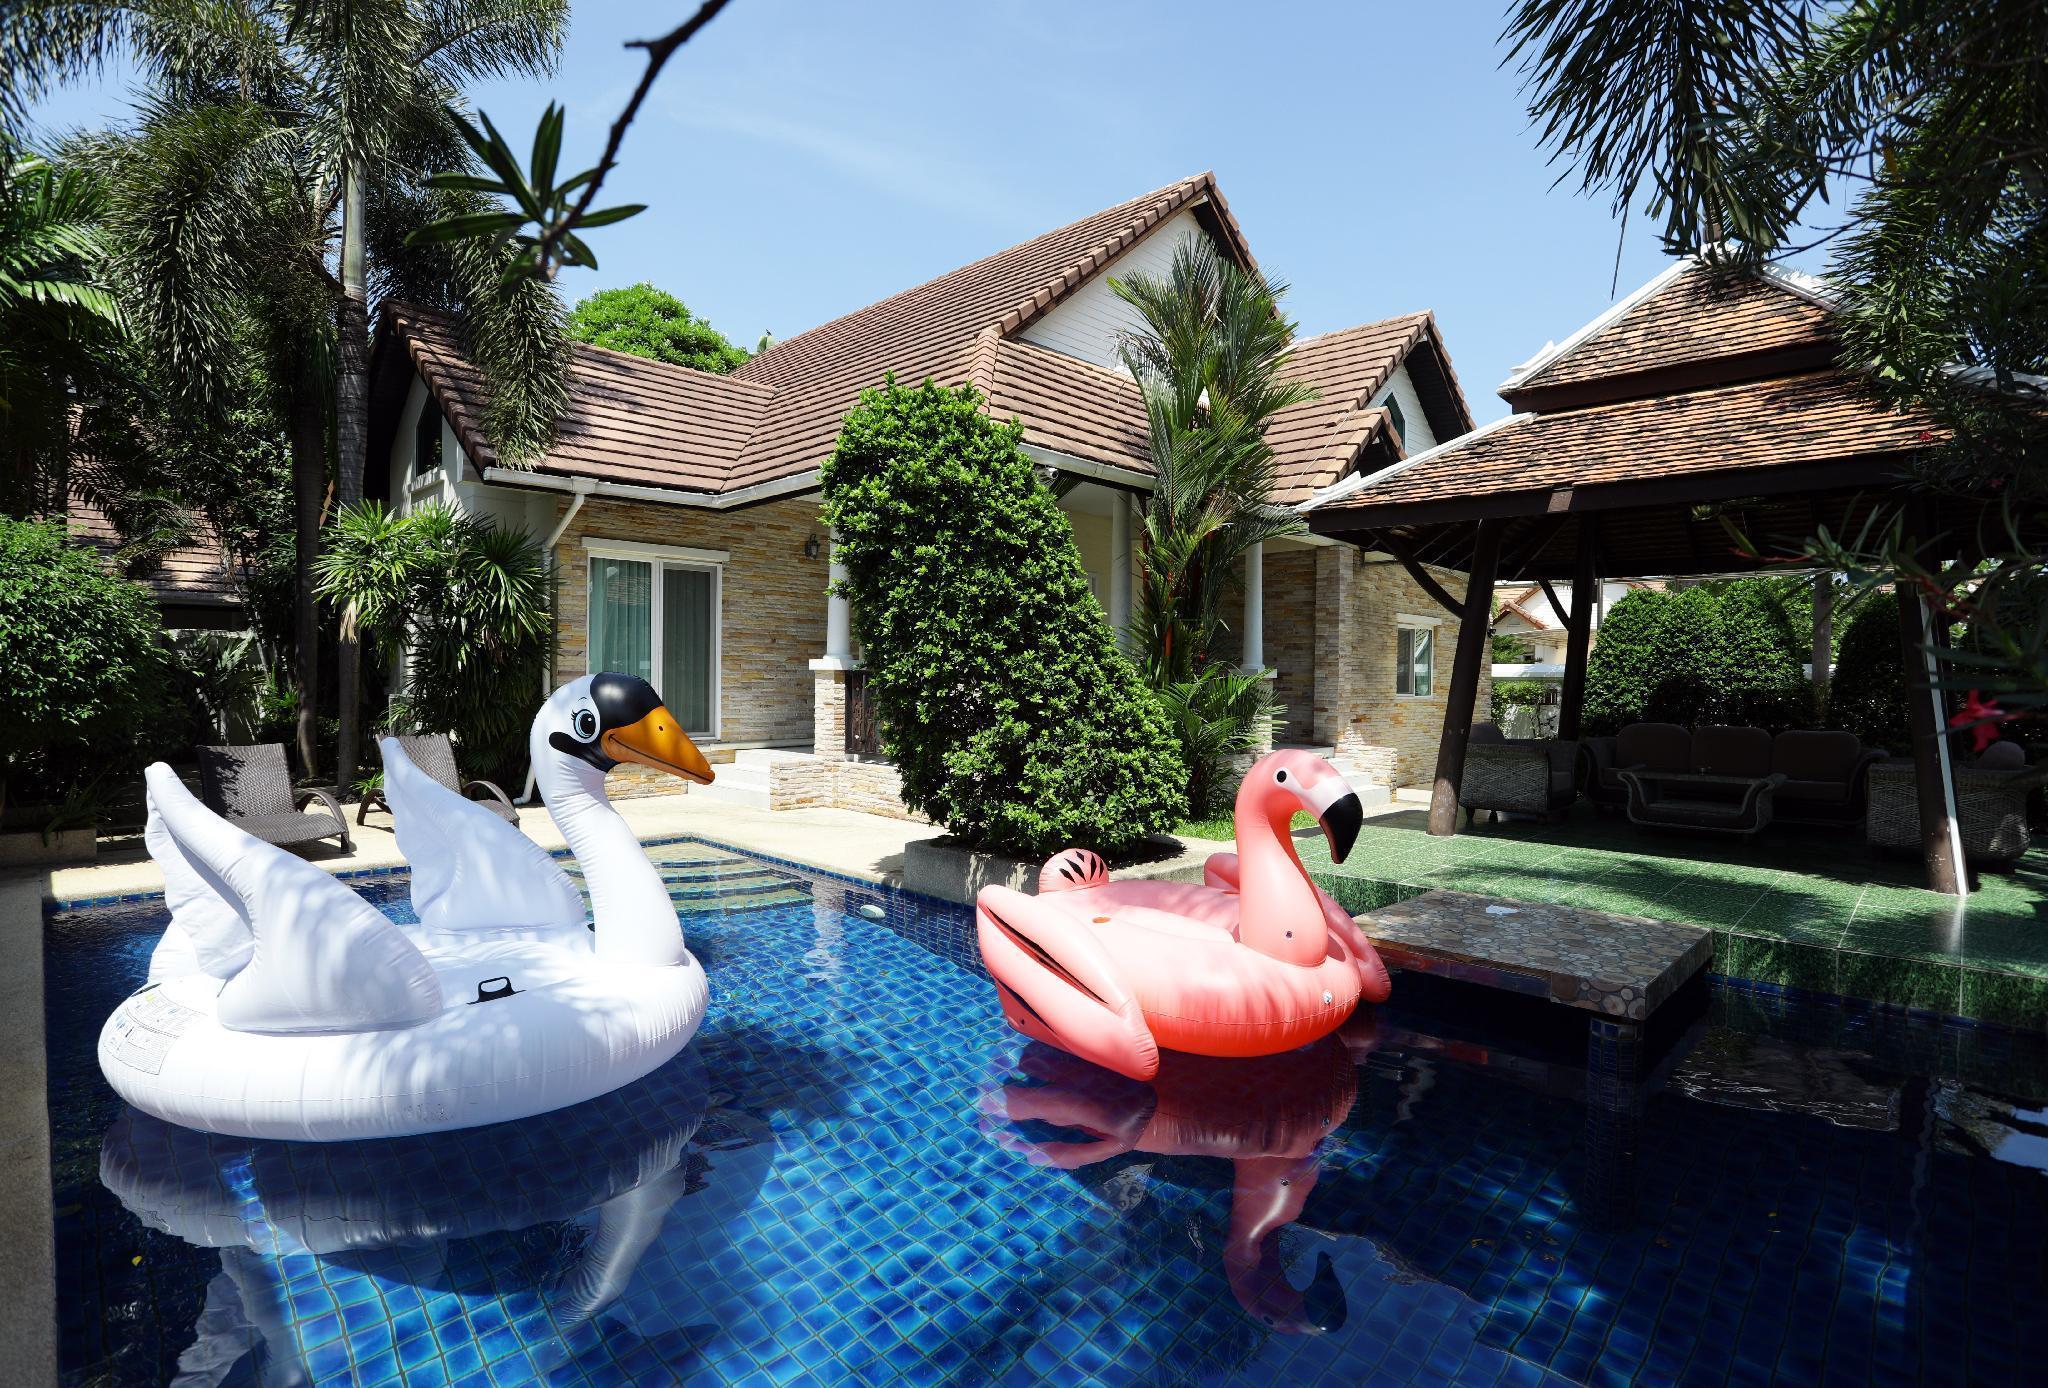 Pool villa Pattaya Green Residence Pool villa Pattaya Green Residence